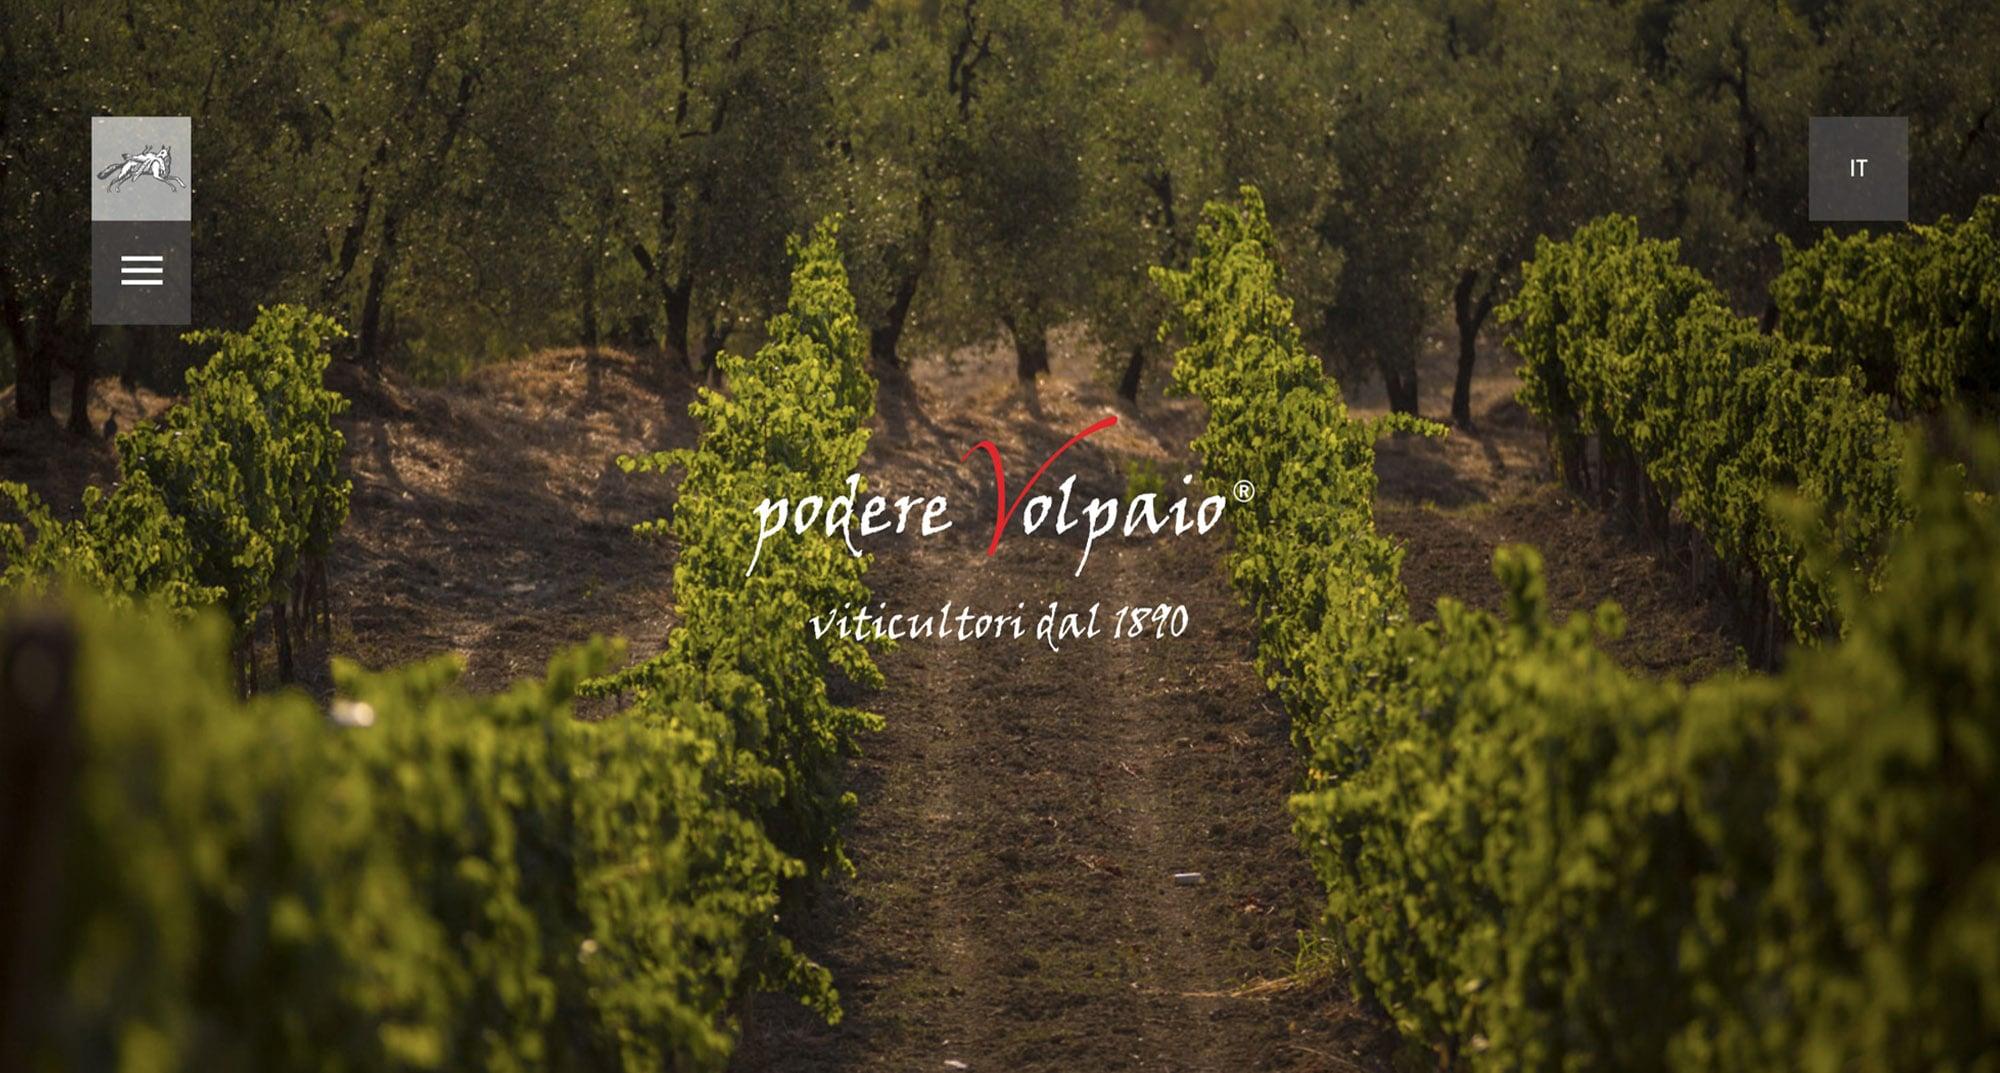 wowcreatives-podere-volpaio-wine-website